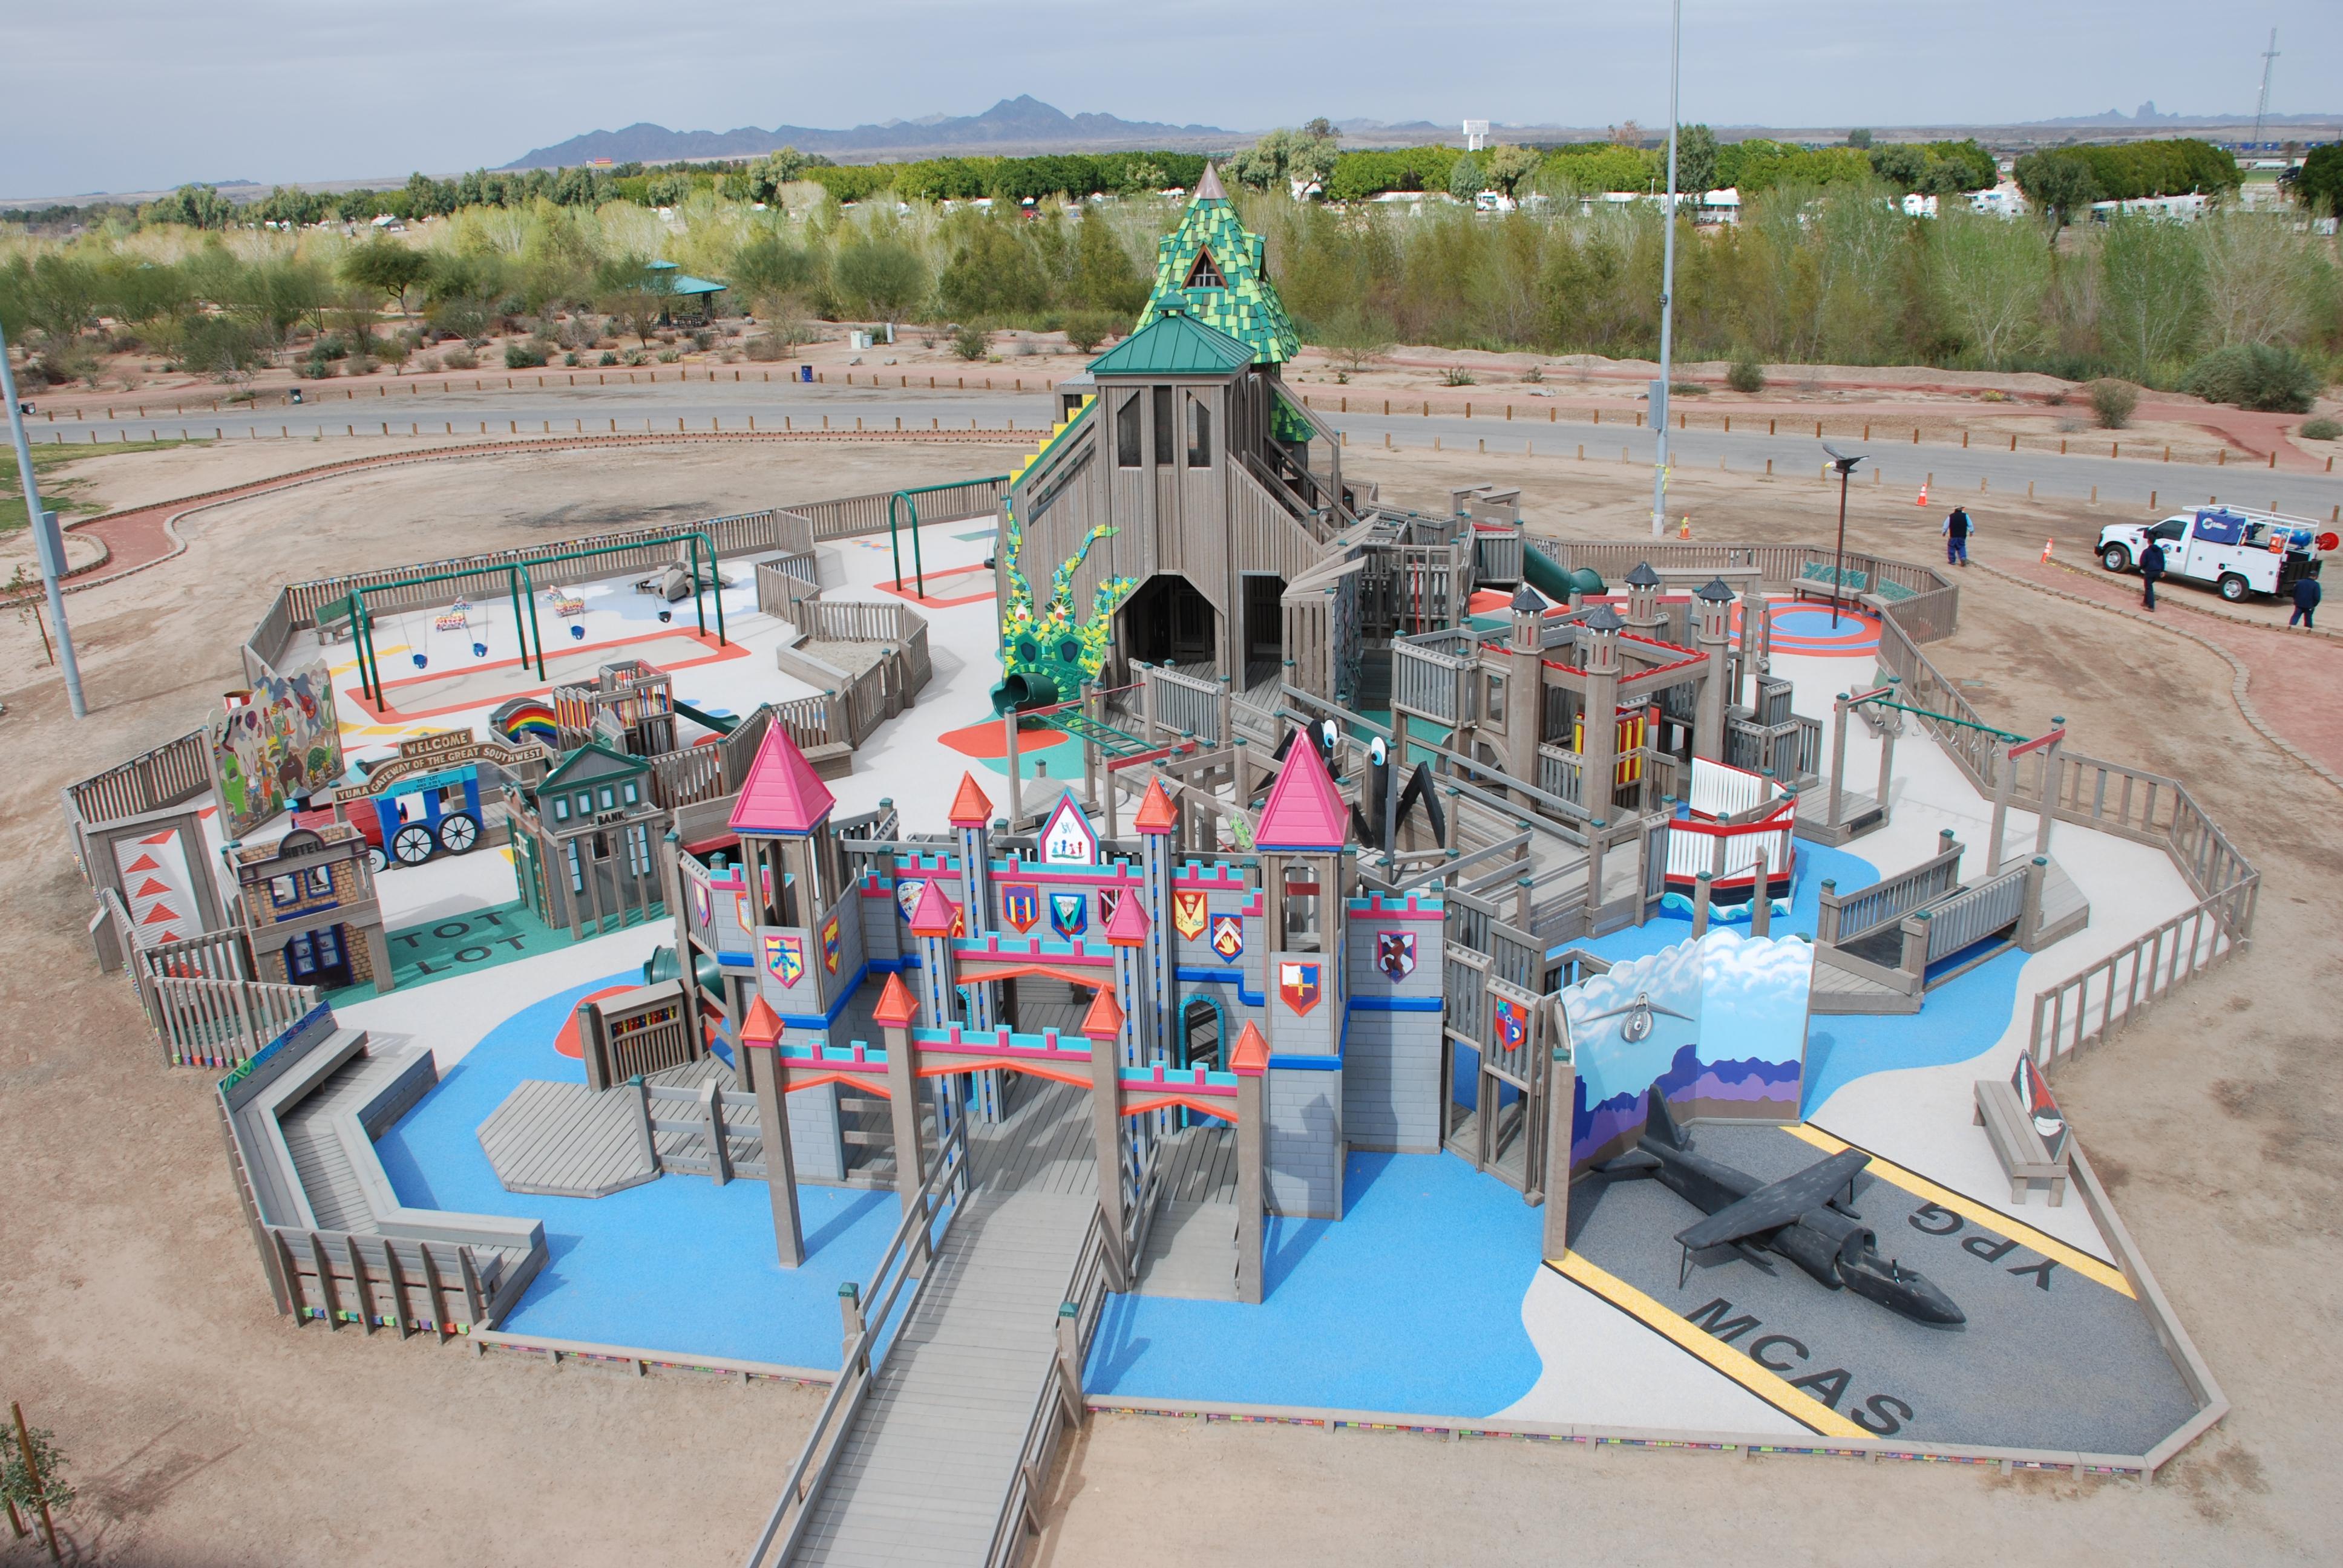 Yuma AZ Stewart Vincent Wolfe Creative Playground